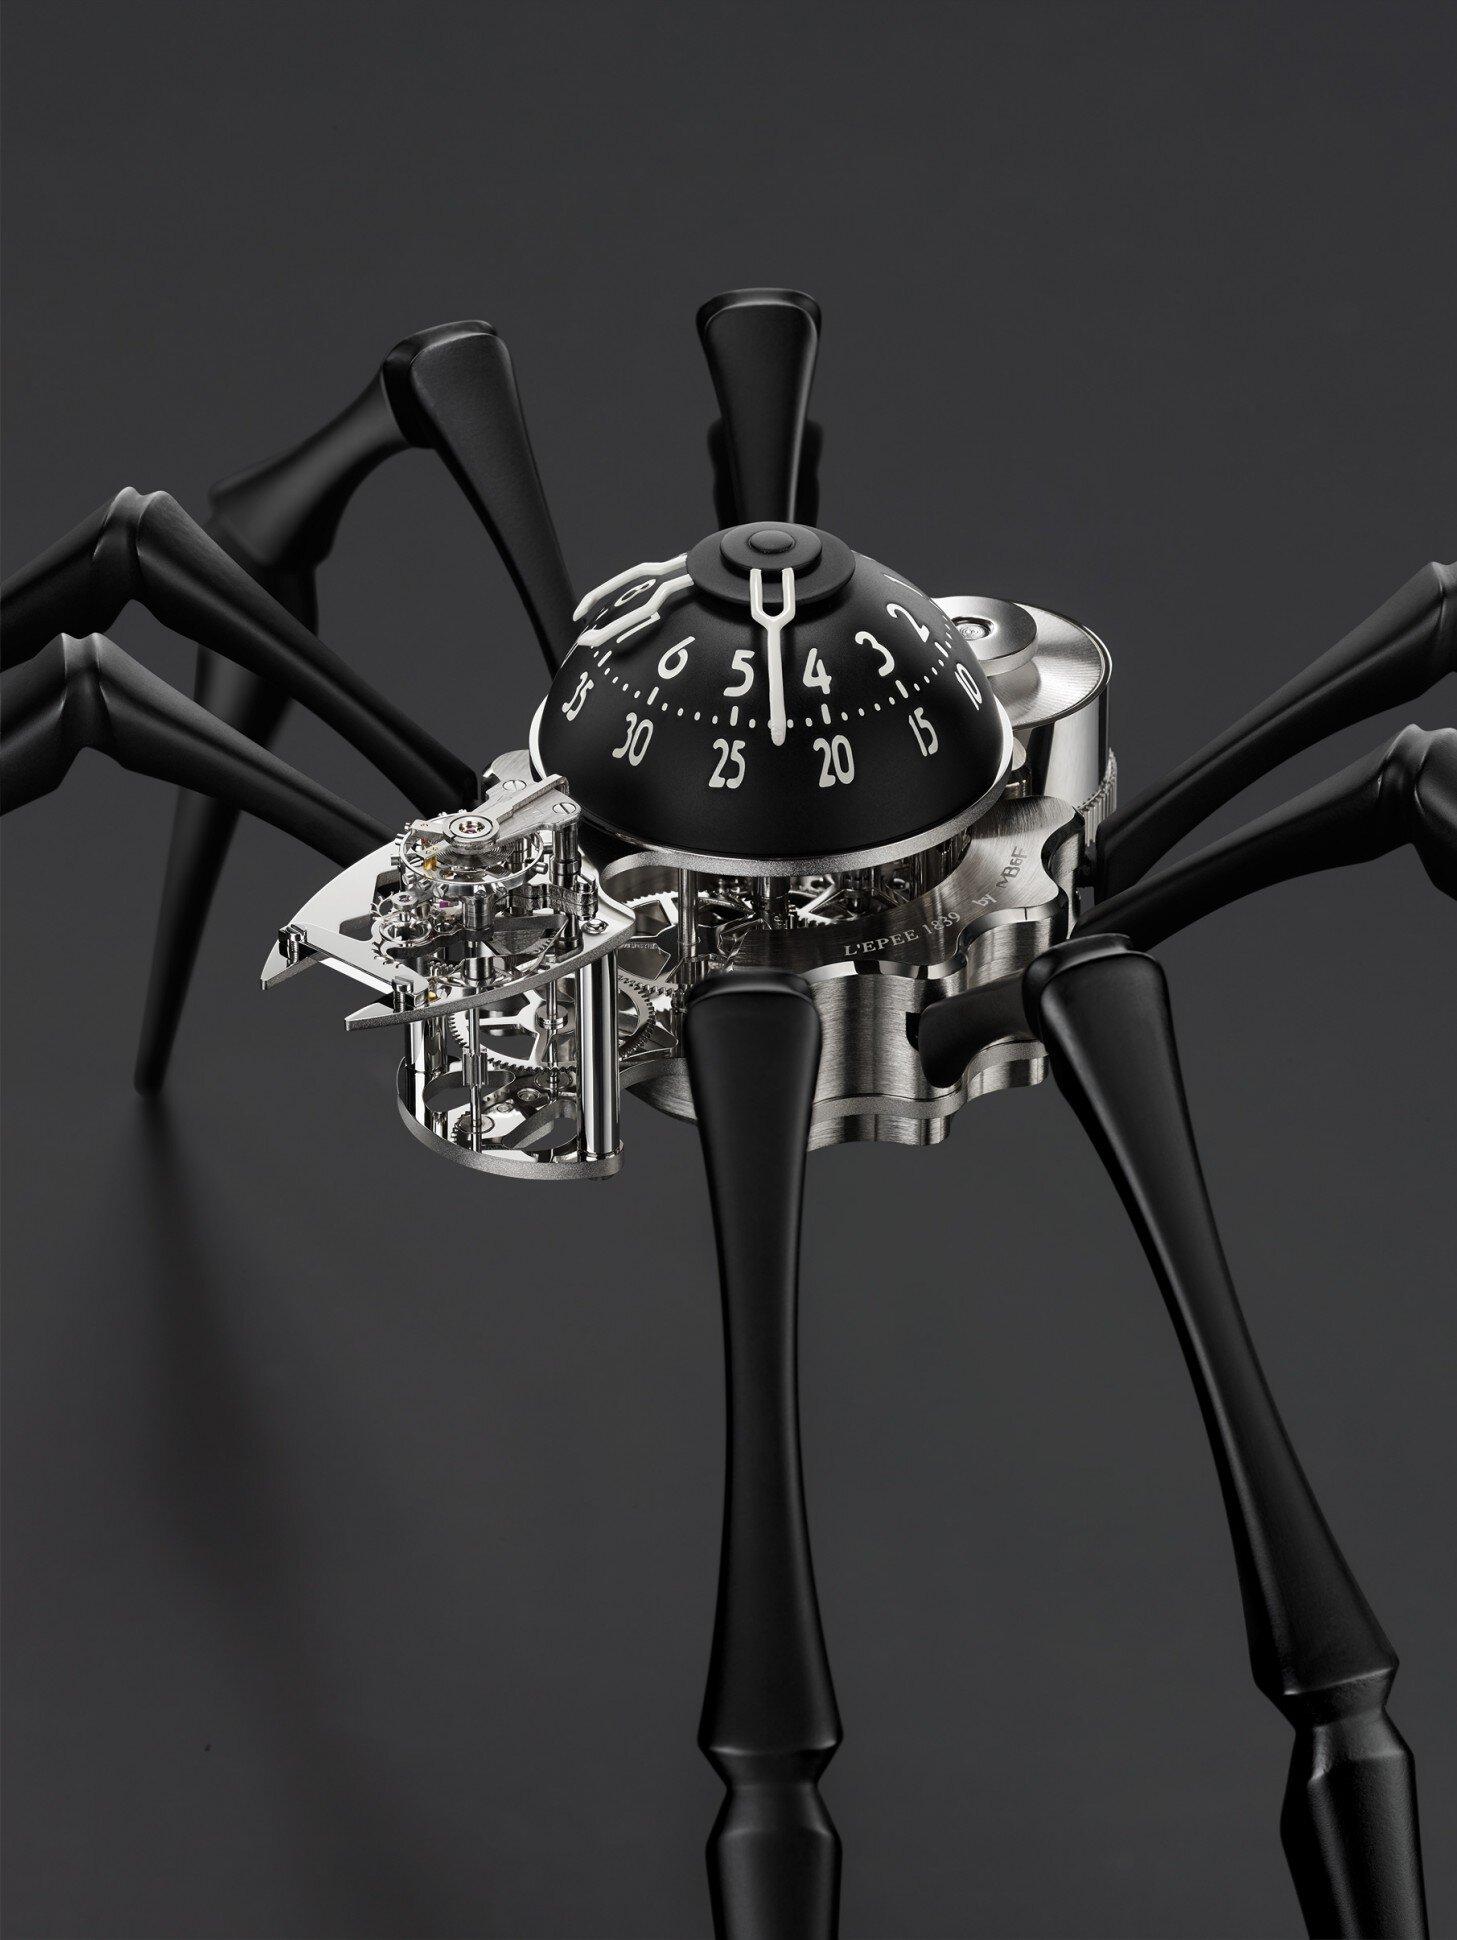 Đồng hồ nhện – giúp bạn vượt qua nỗi sợ nhện